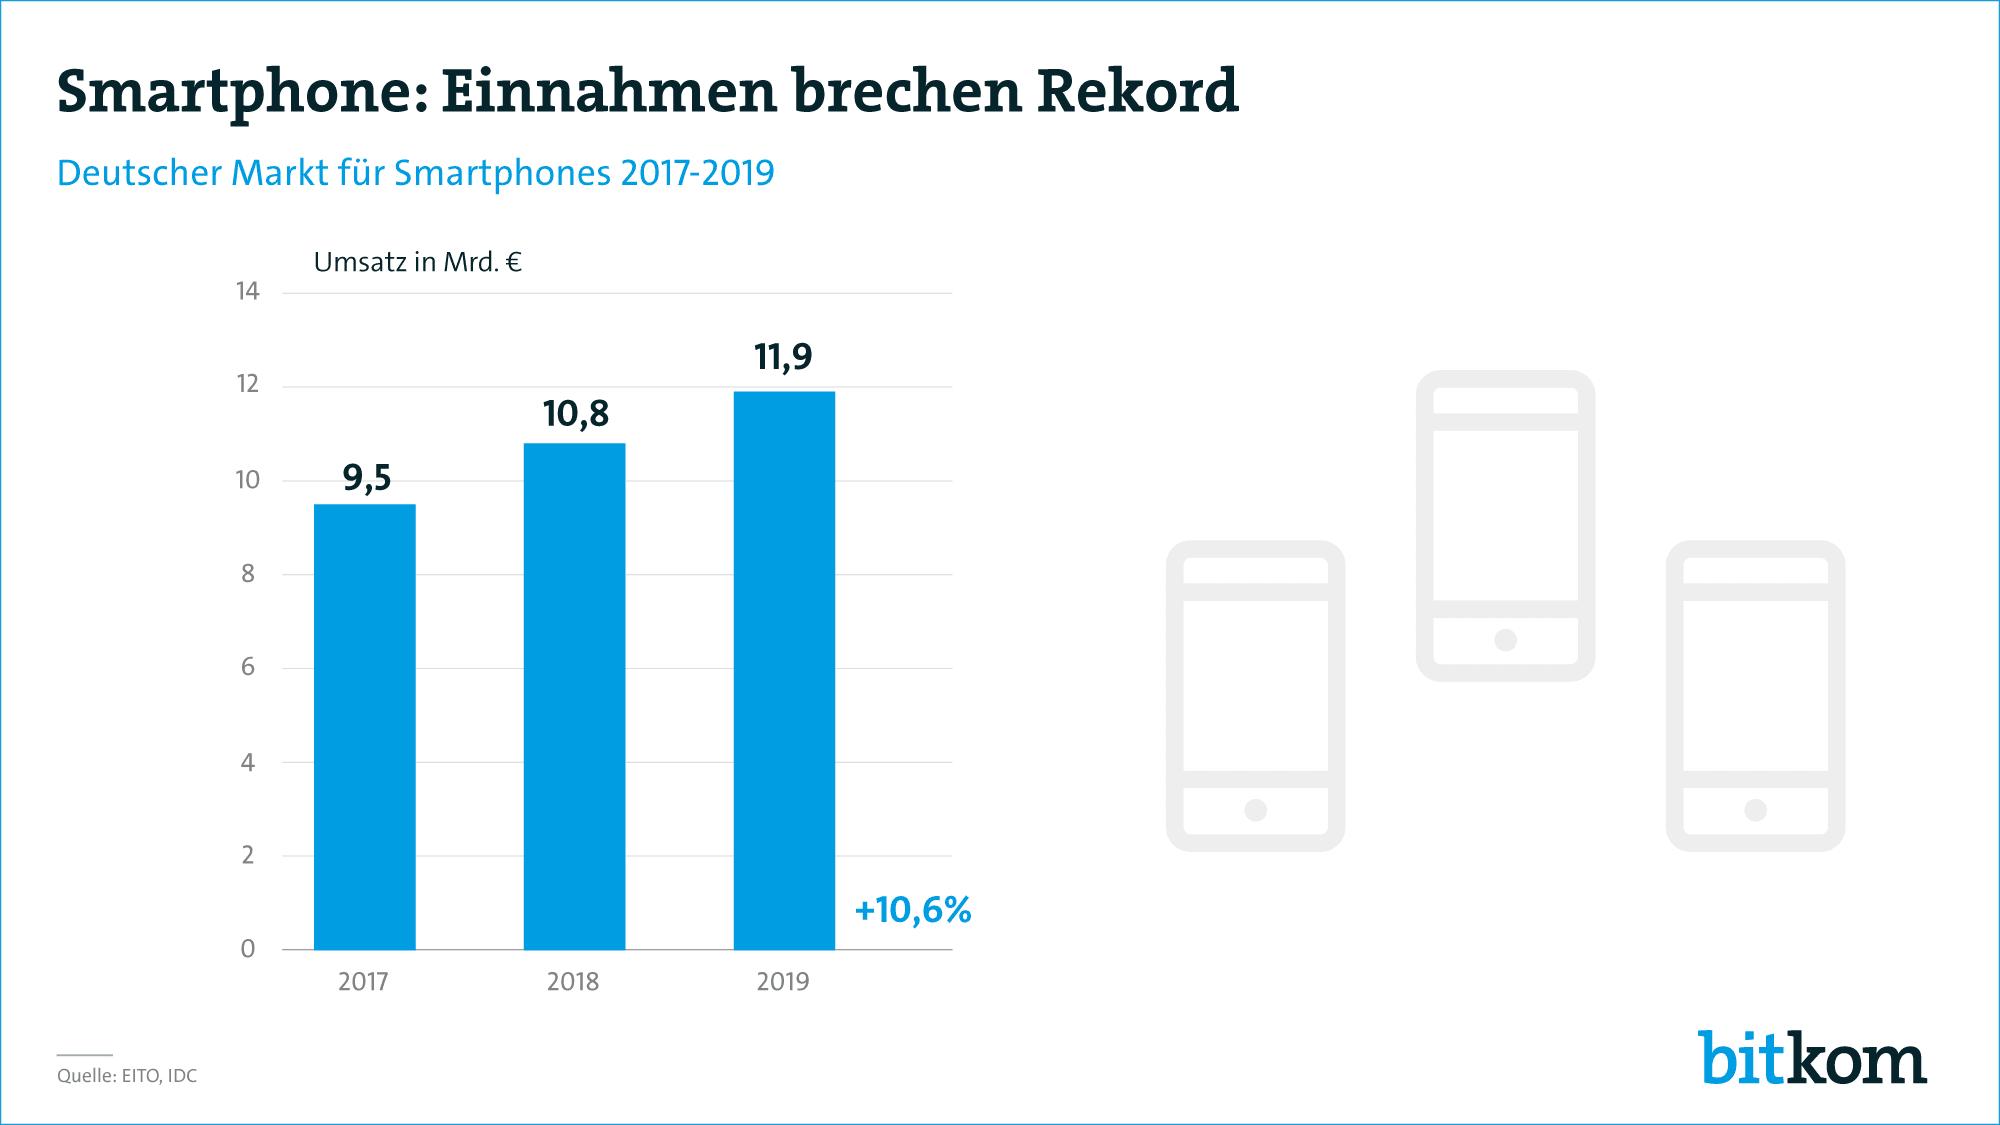 Smartphonemarkt in Deutschland 2017 bis 2019 - Infografik - Bitkom Research